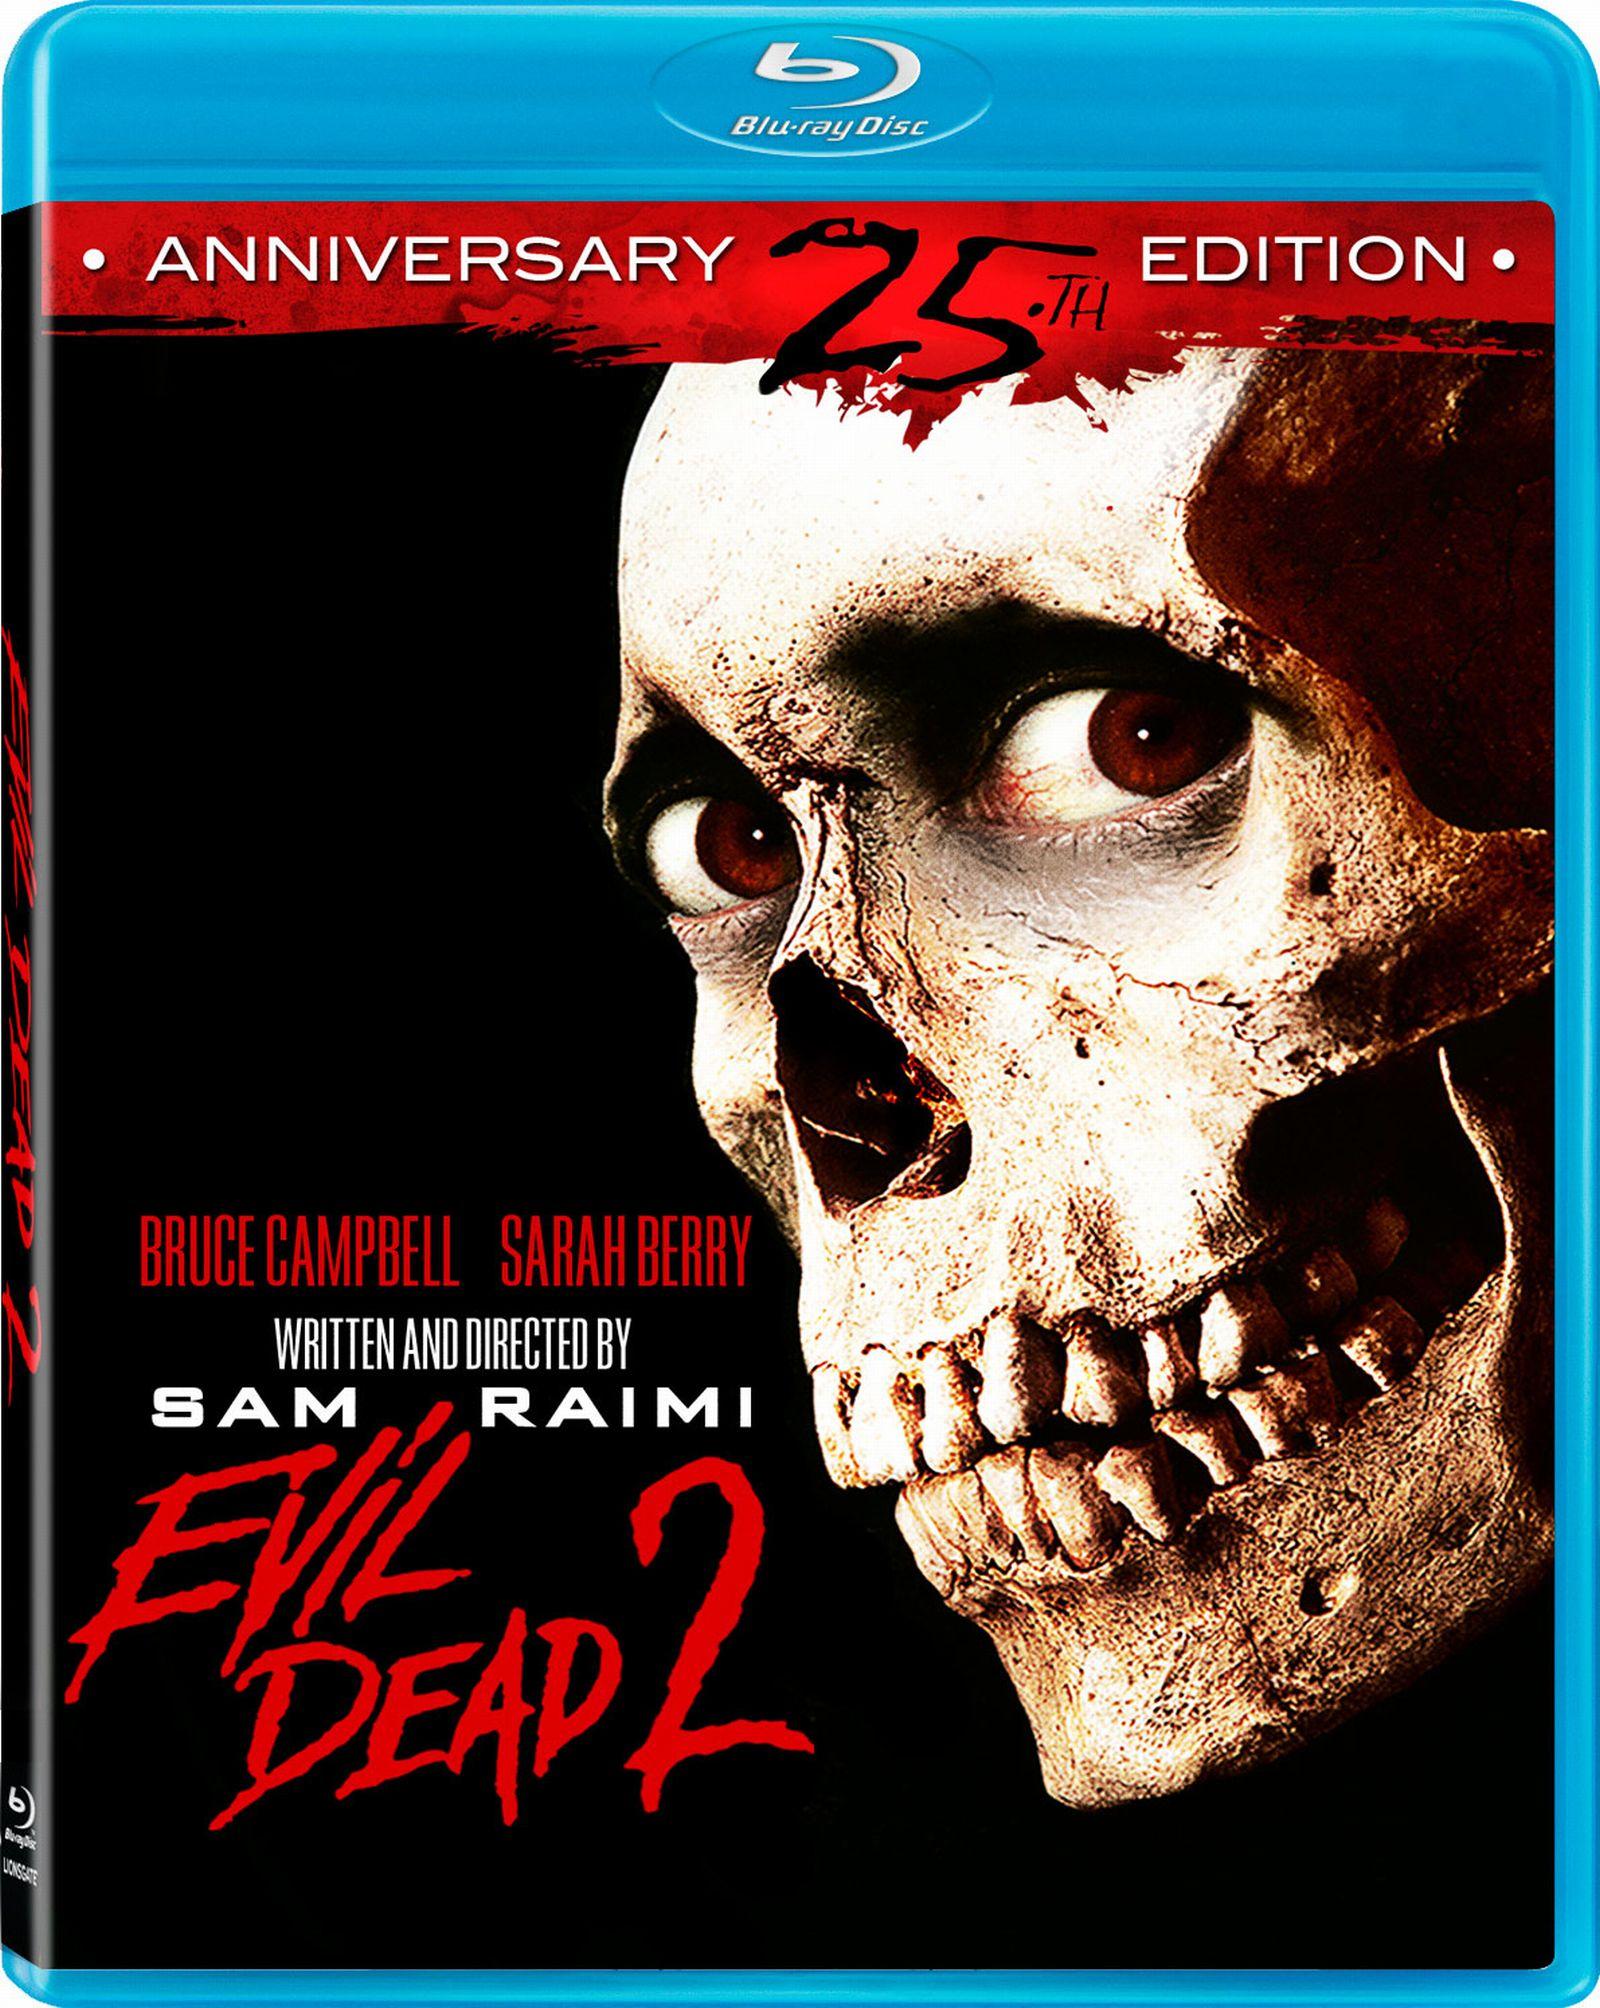 [MULTI] Evil Dead 2 [MULTILANGUE] [BluRay 720p]